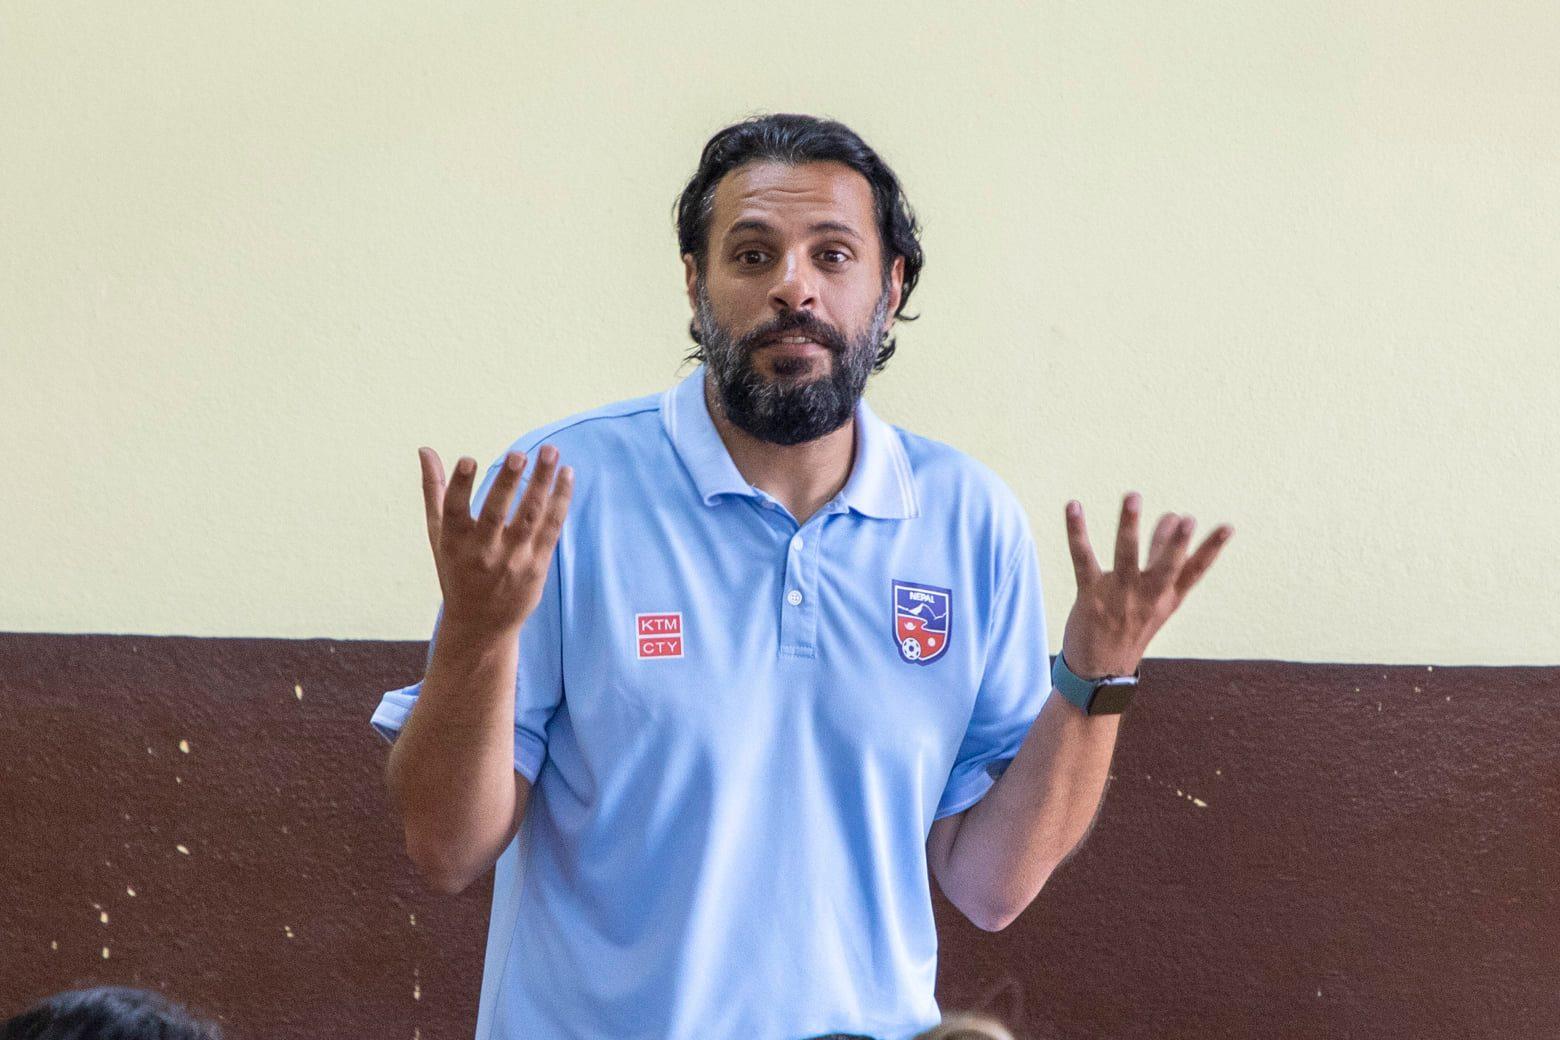 राष्ट्रिय फुटबल टोलीका मुख्य प्रशिक्षक अल्मुताइरीद्वारा राजीनामा दिने घोषणा